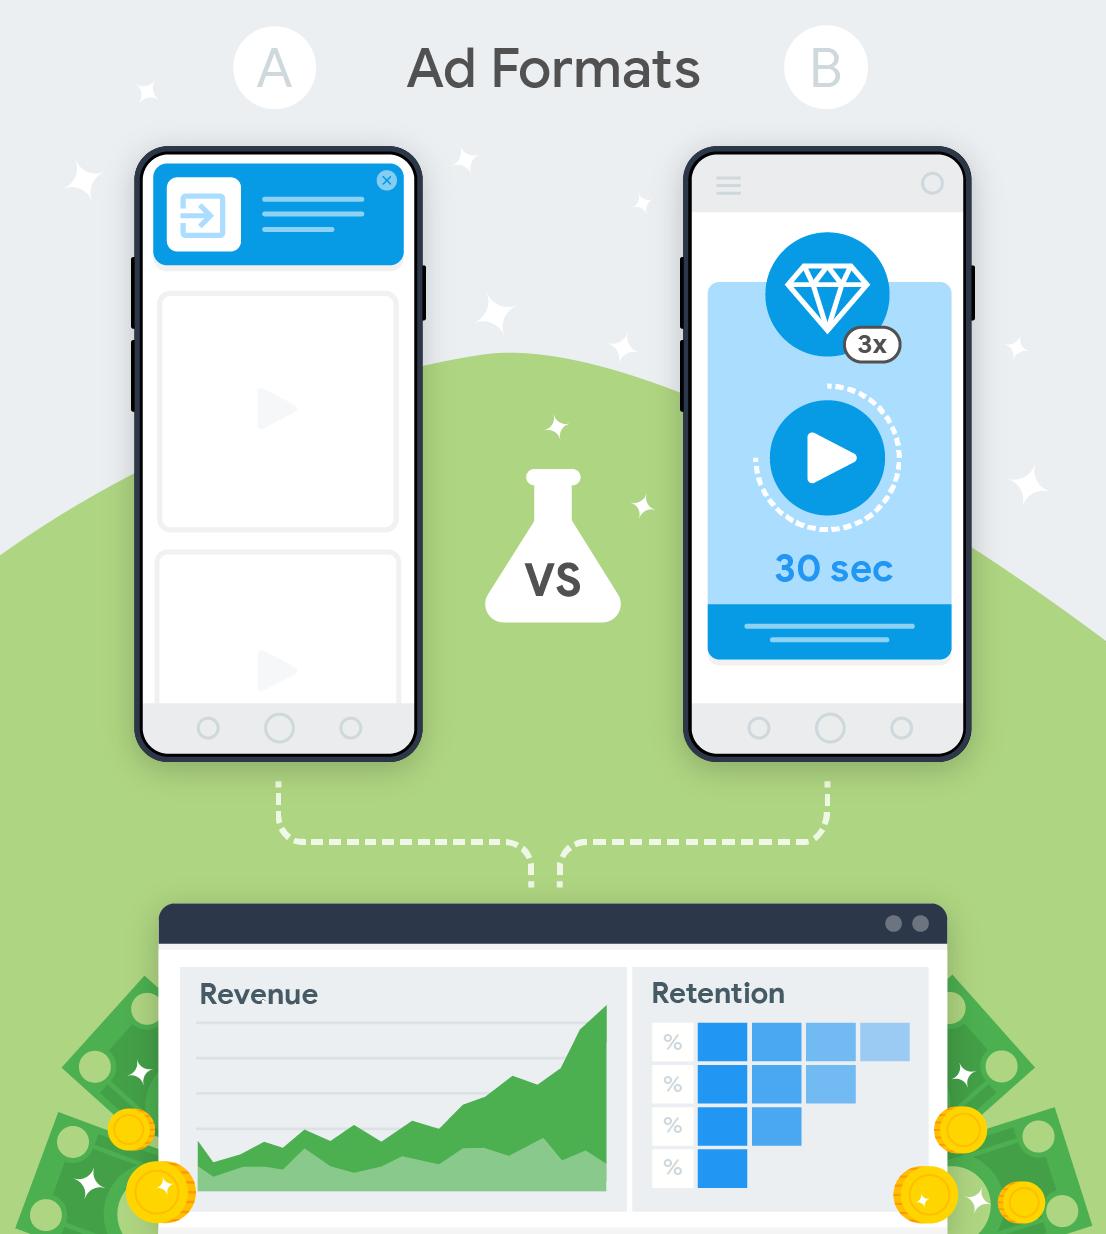 2つの広告フォーマットと、それらが収益と維持に与える影響をテストする